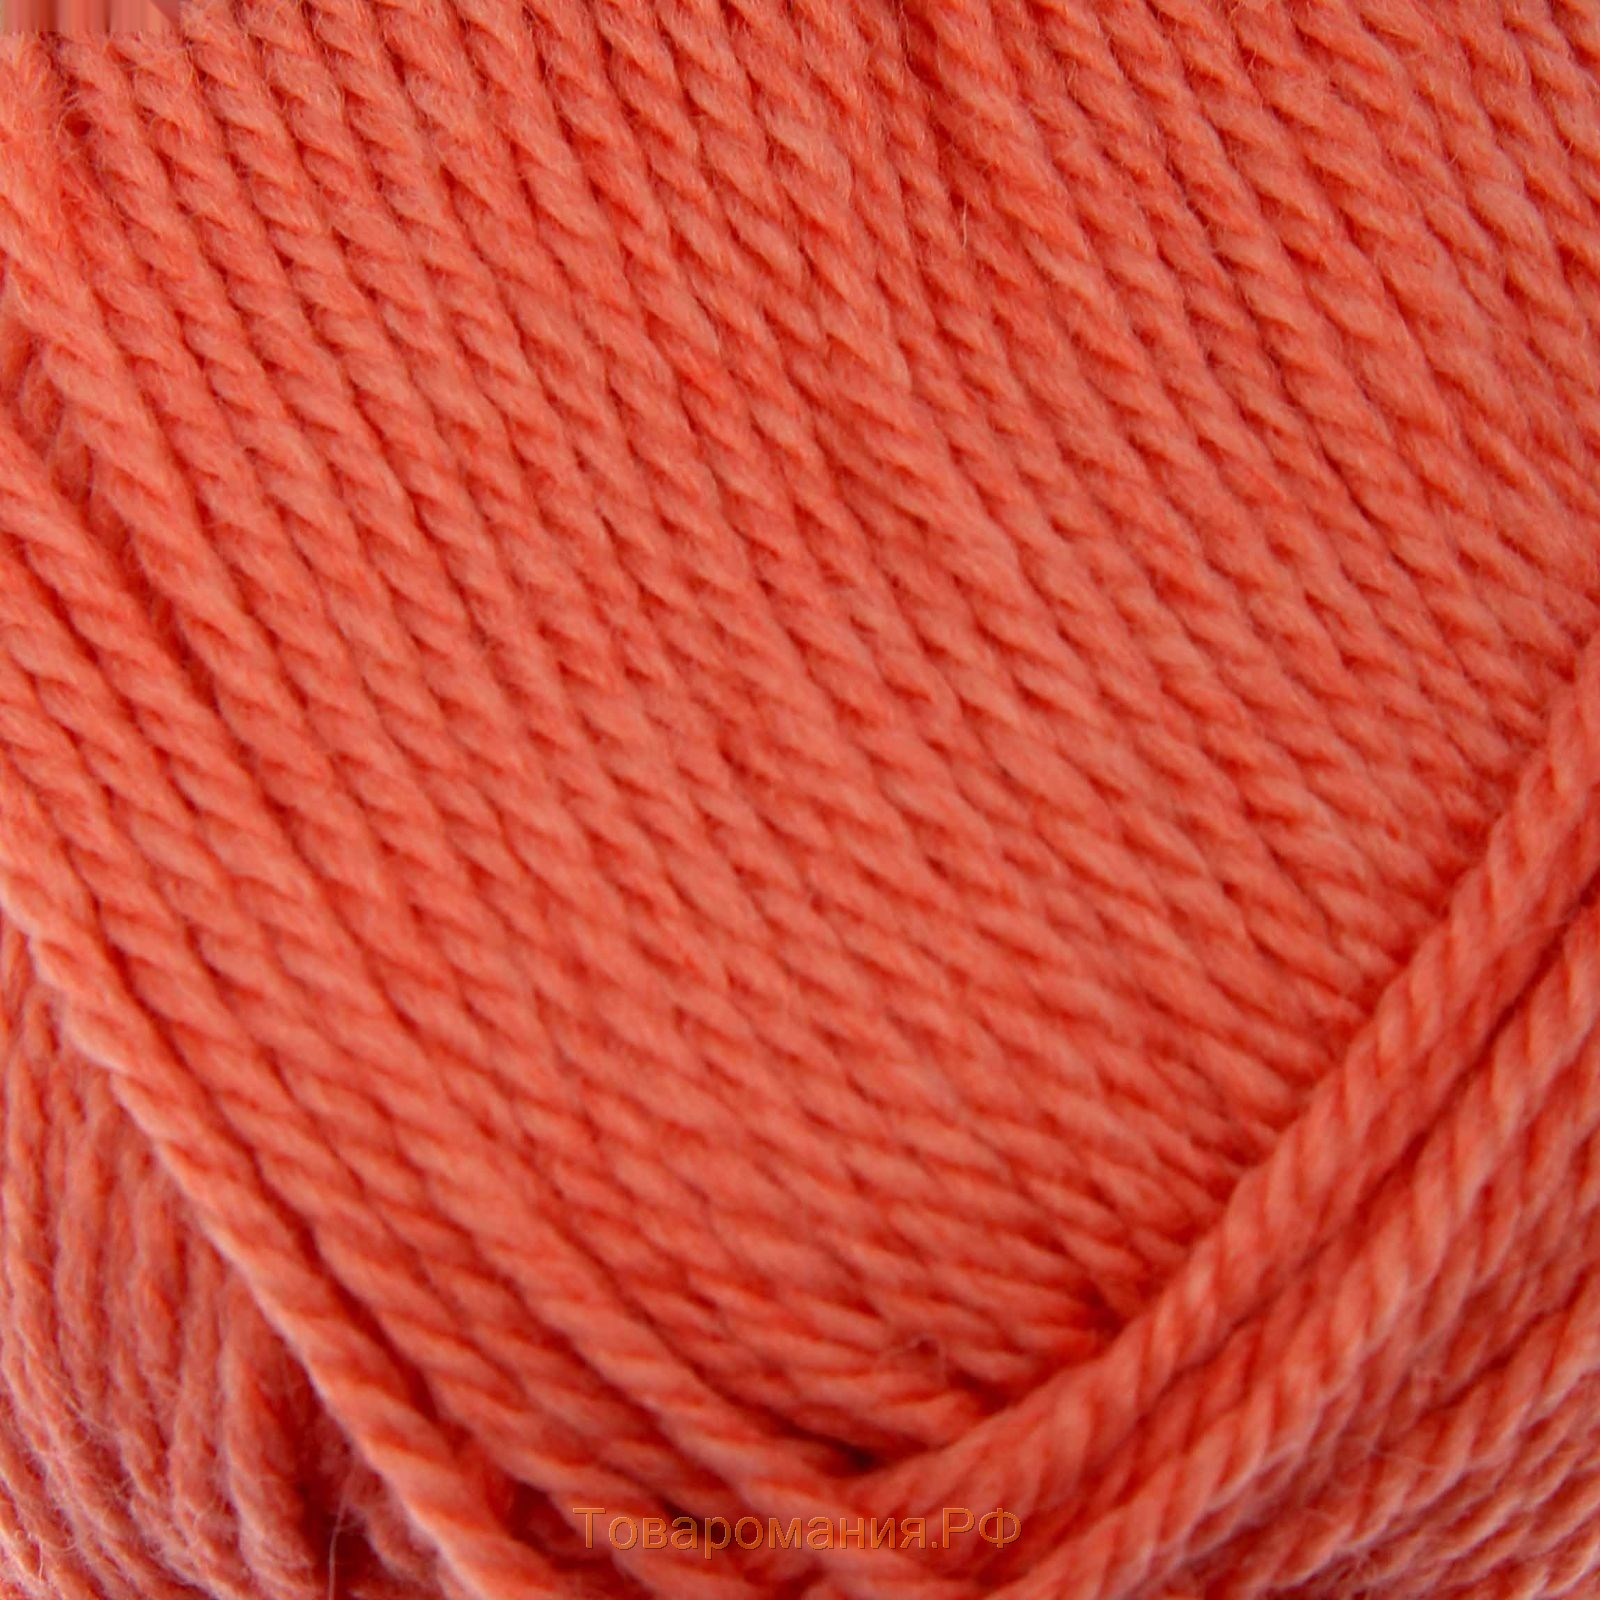 Купить пряжу для вязания в Москве, шерсть меринос - домпряжи 71